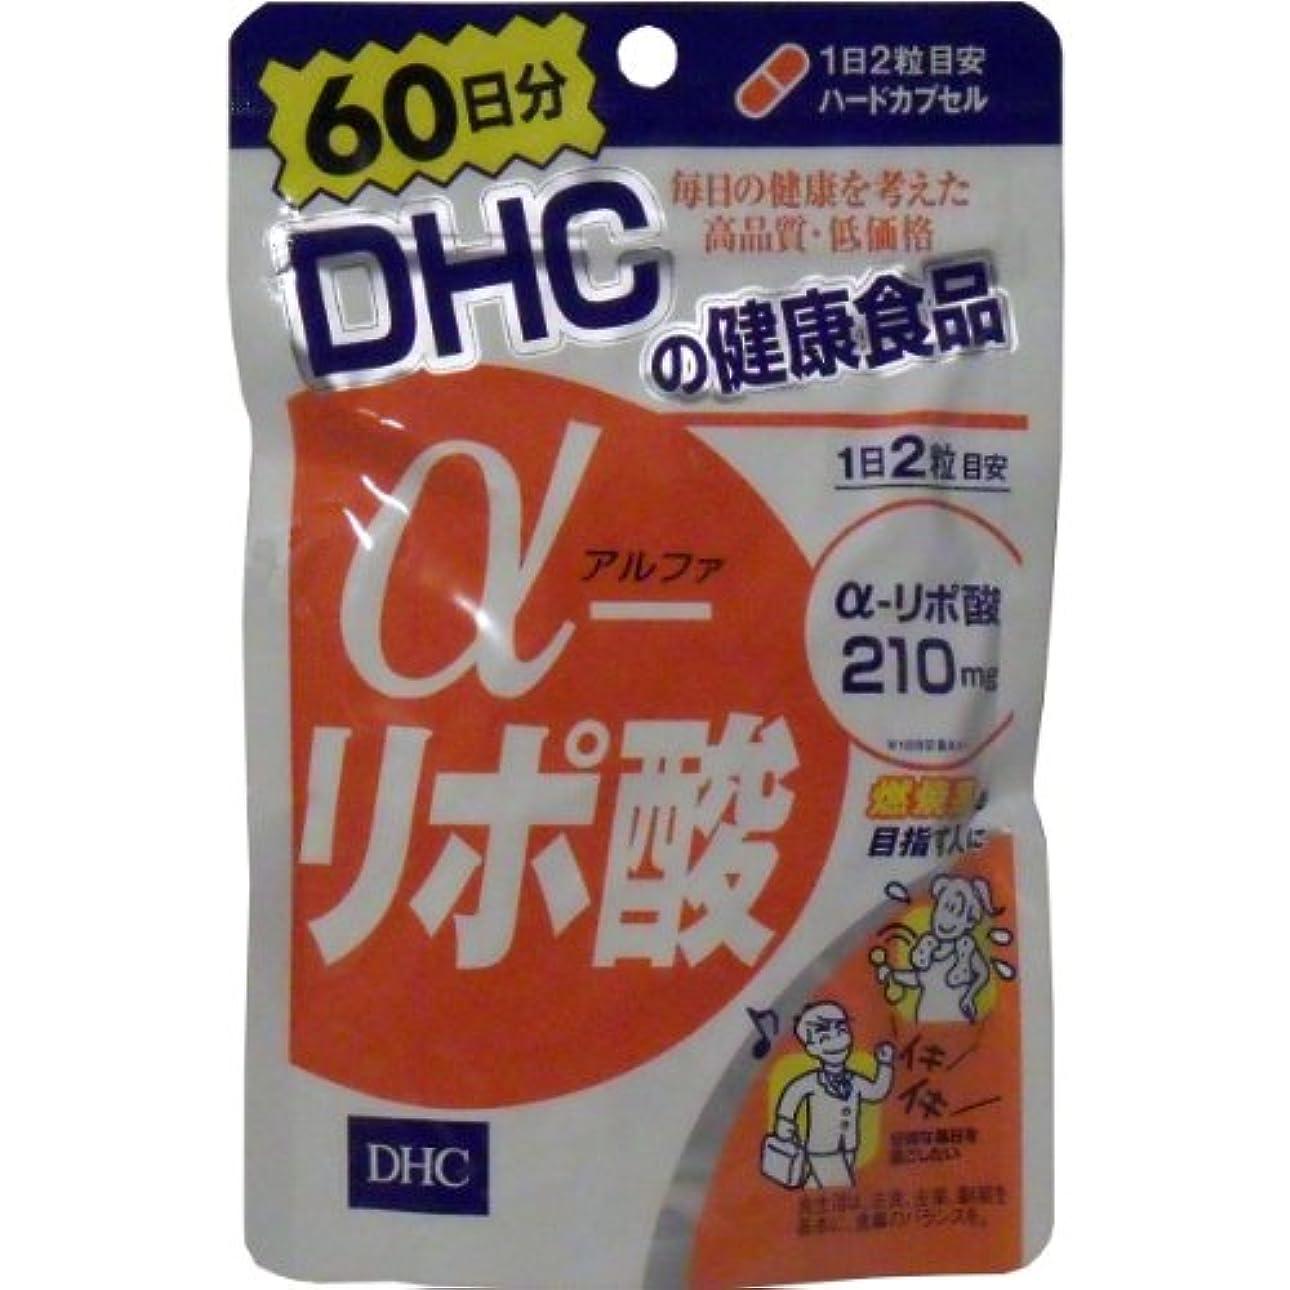 虚偽謙虚な垂直α-リポ酸は、もともと体内にあるエネルギー活性成分。サプリメントでの効率的な補給がおすすめ!DHC120粒 60日分 【4個セット】